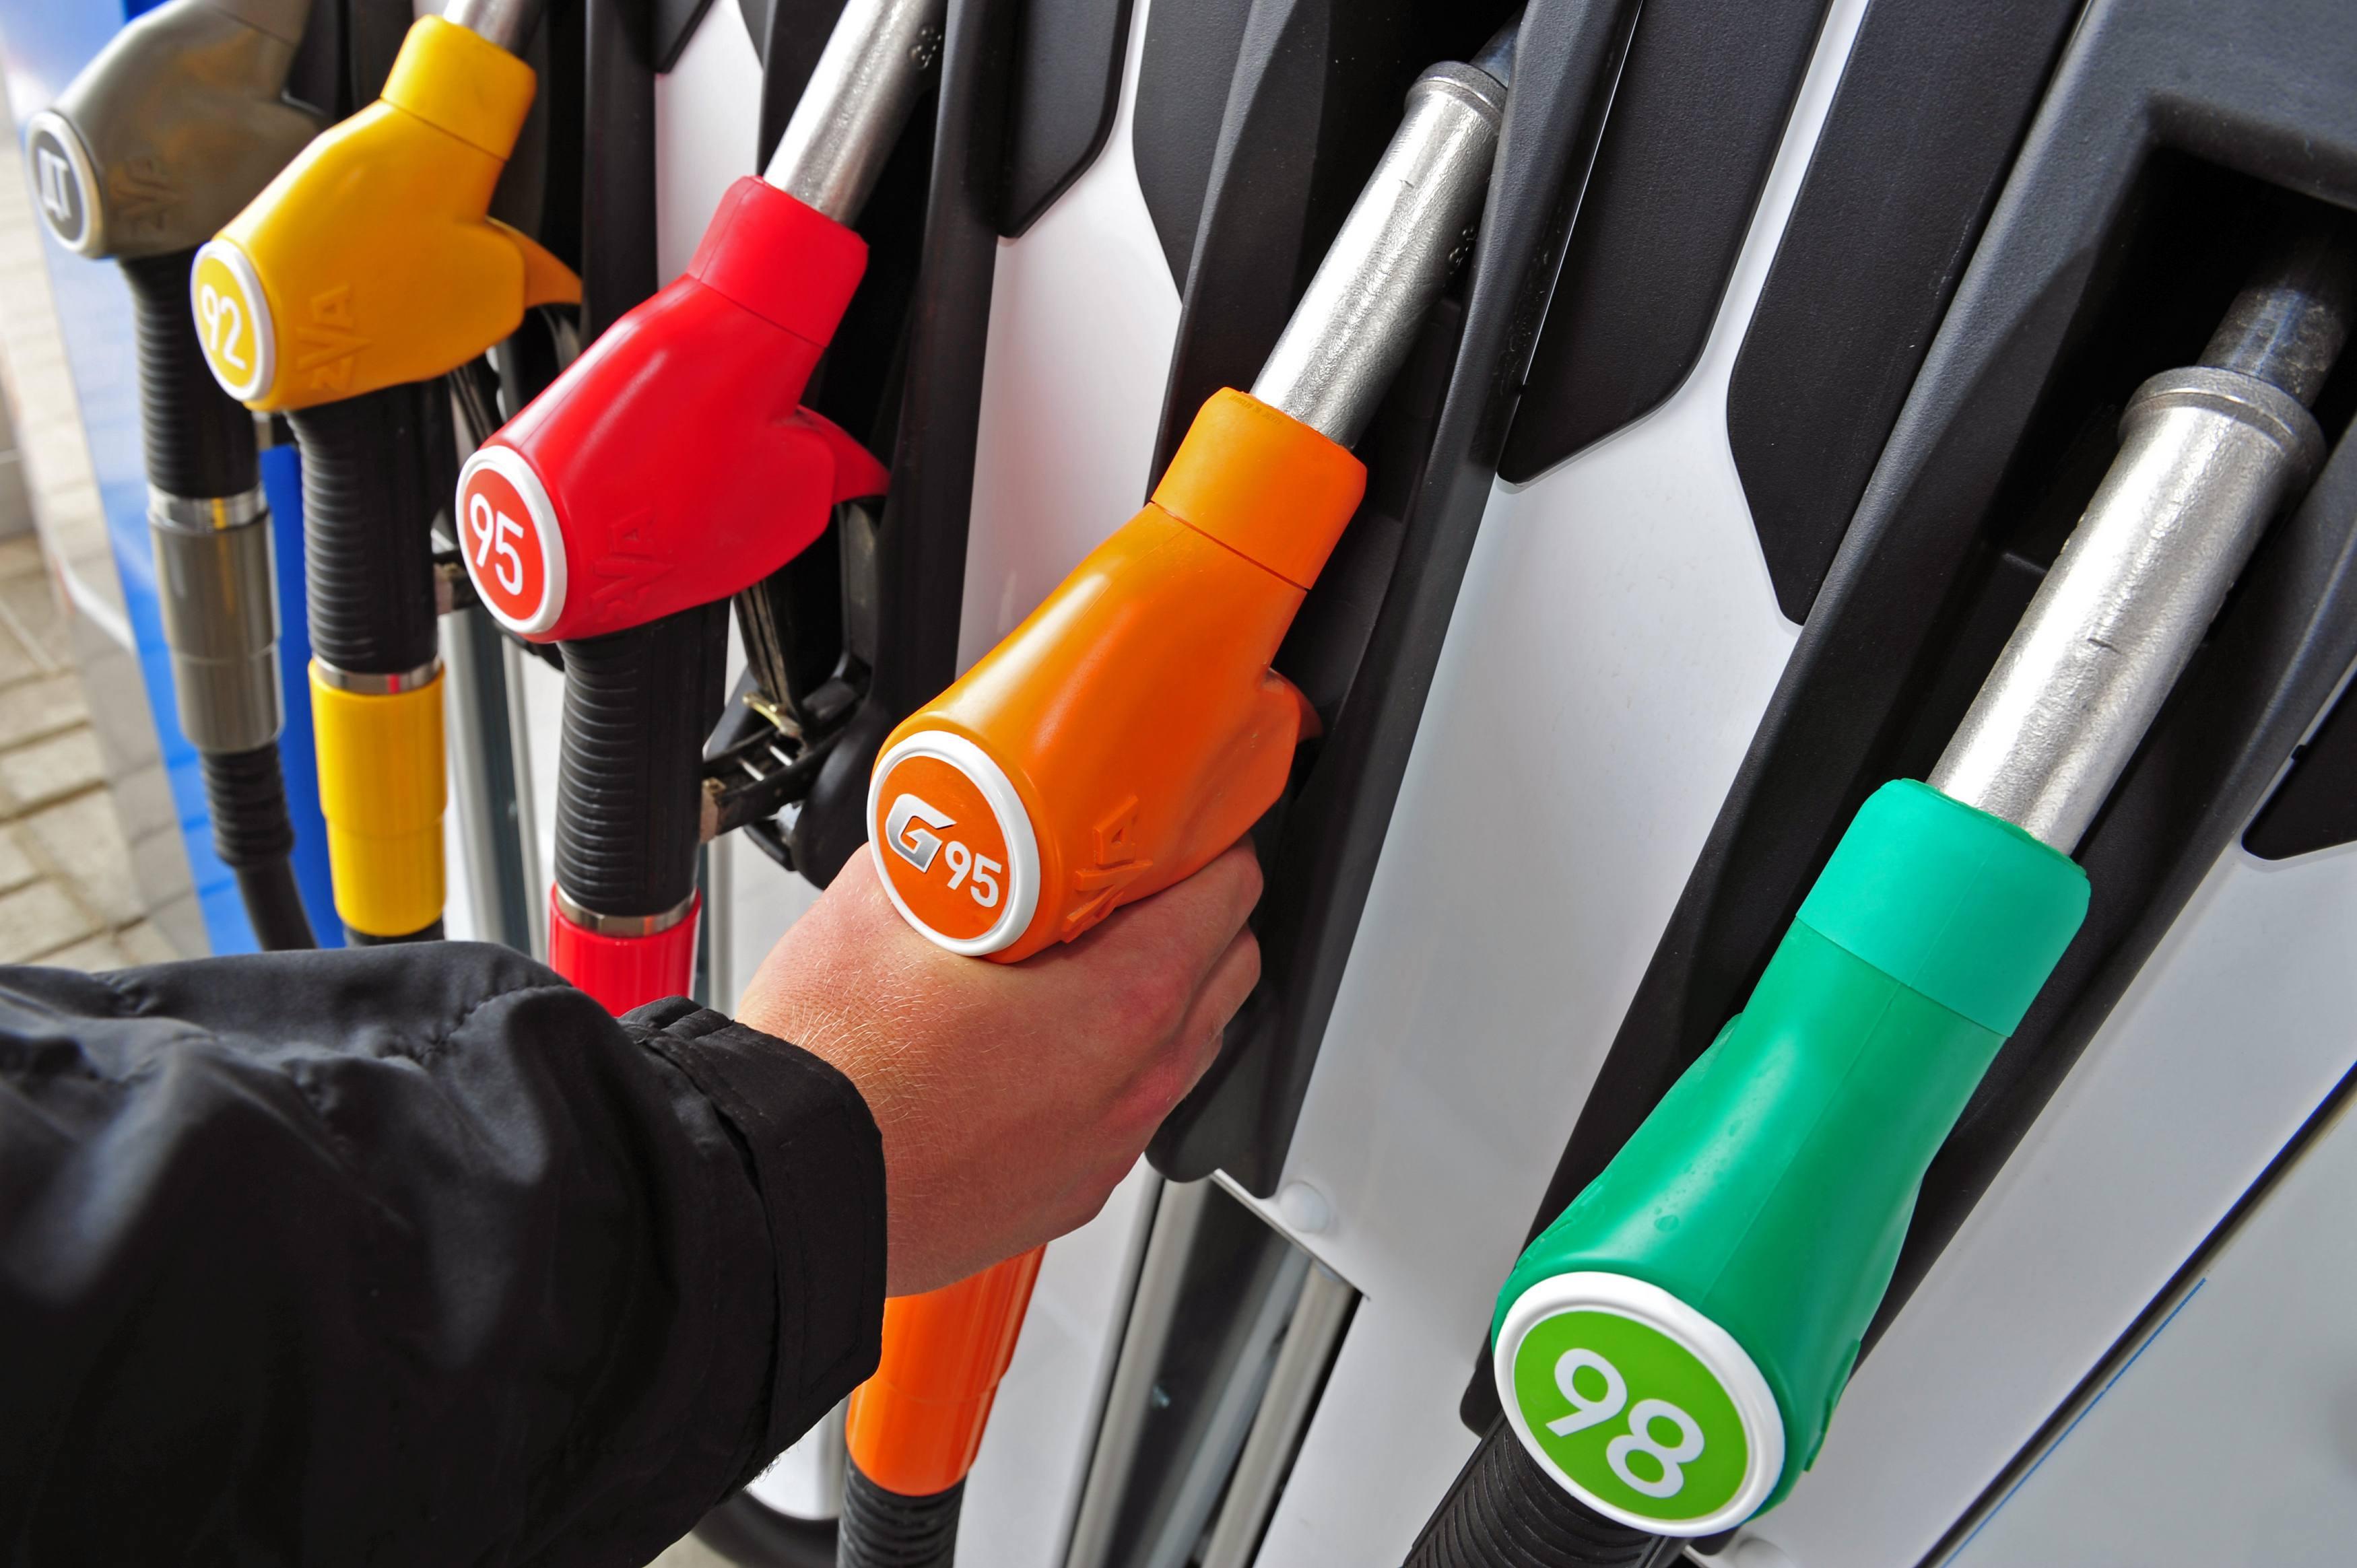 Антимонопольный комитет обвинил WOG, OKKO, Shell и SOCAR в сговоре 1